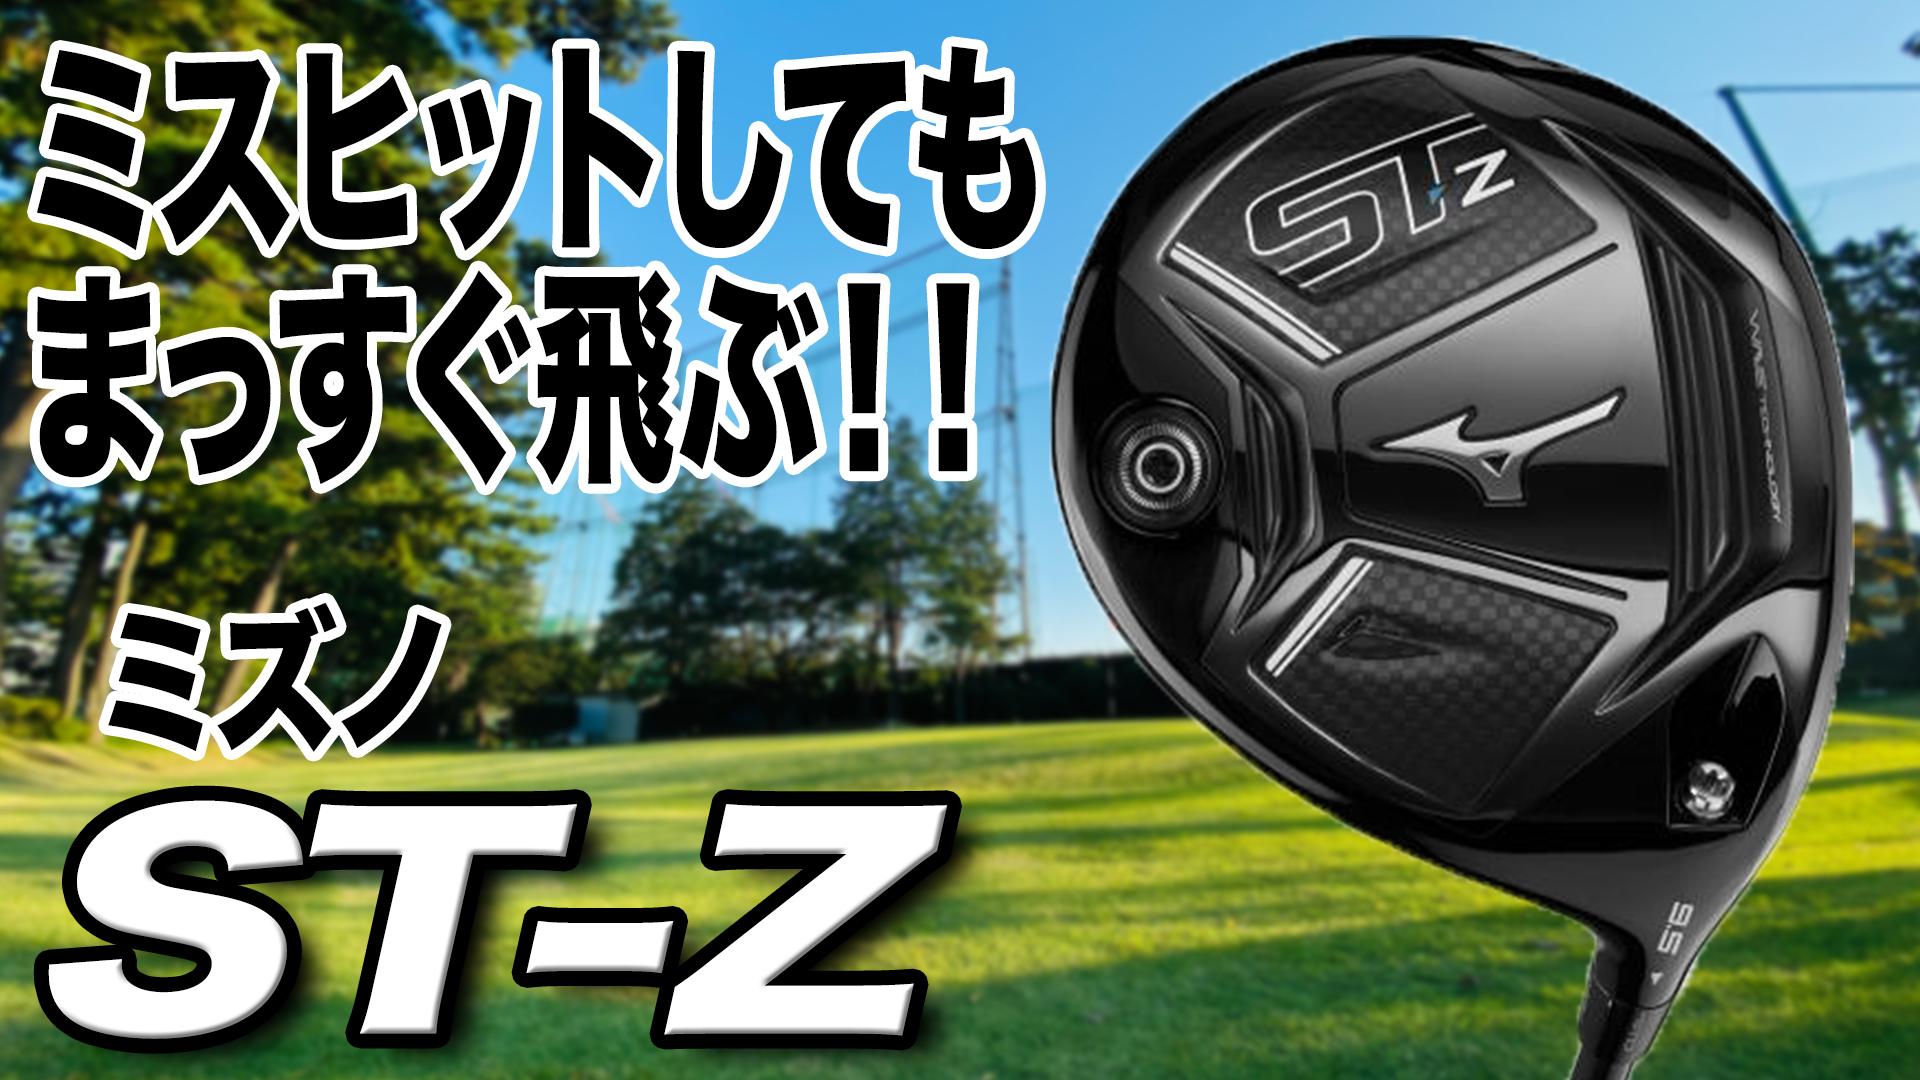 ミズノ「ST-Z ドライバー」【レビュー企画】